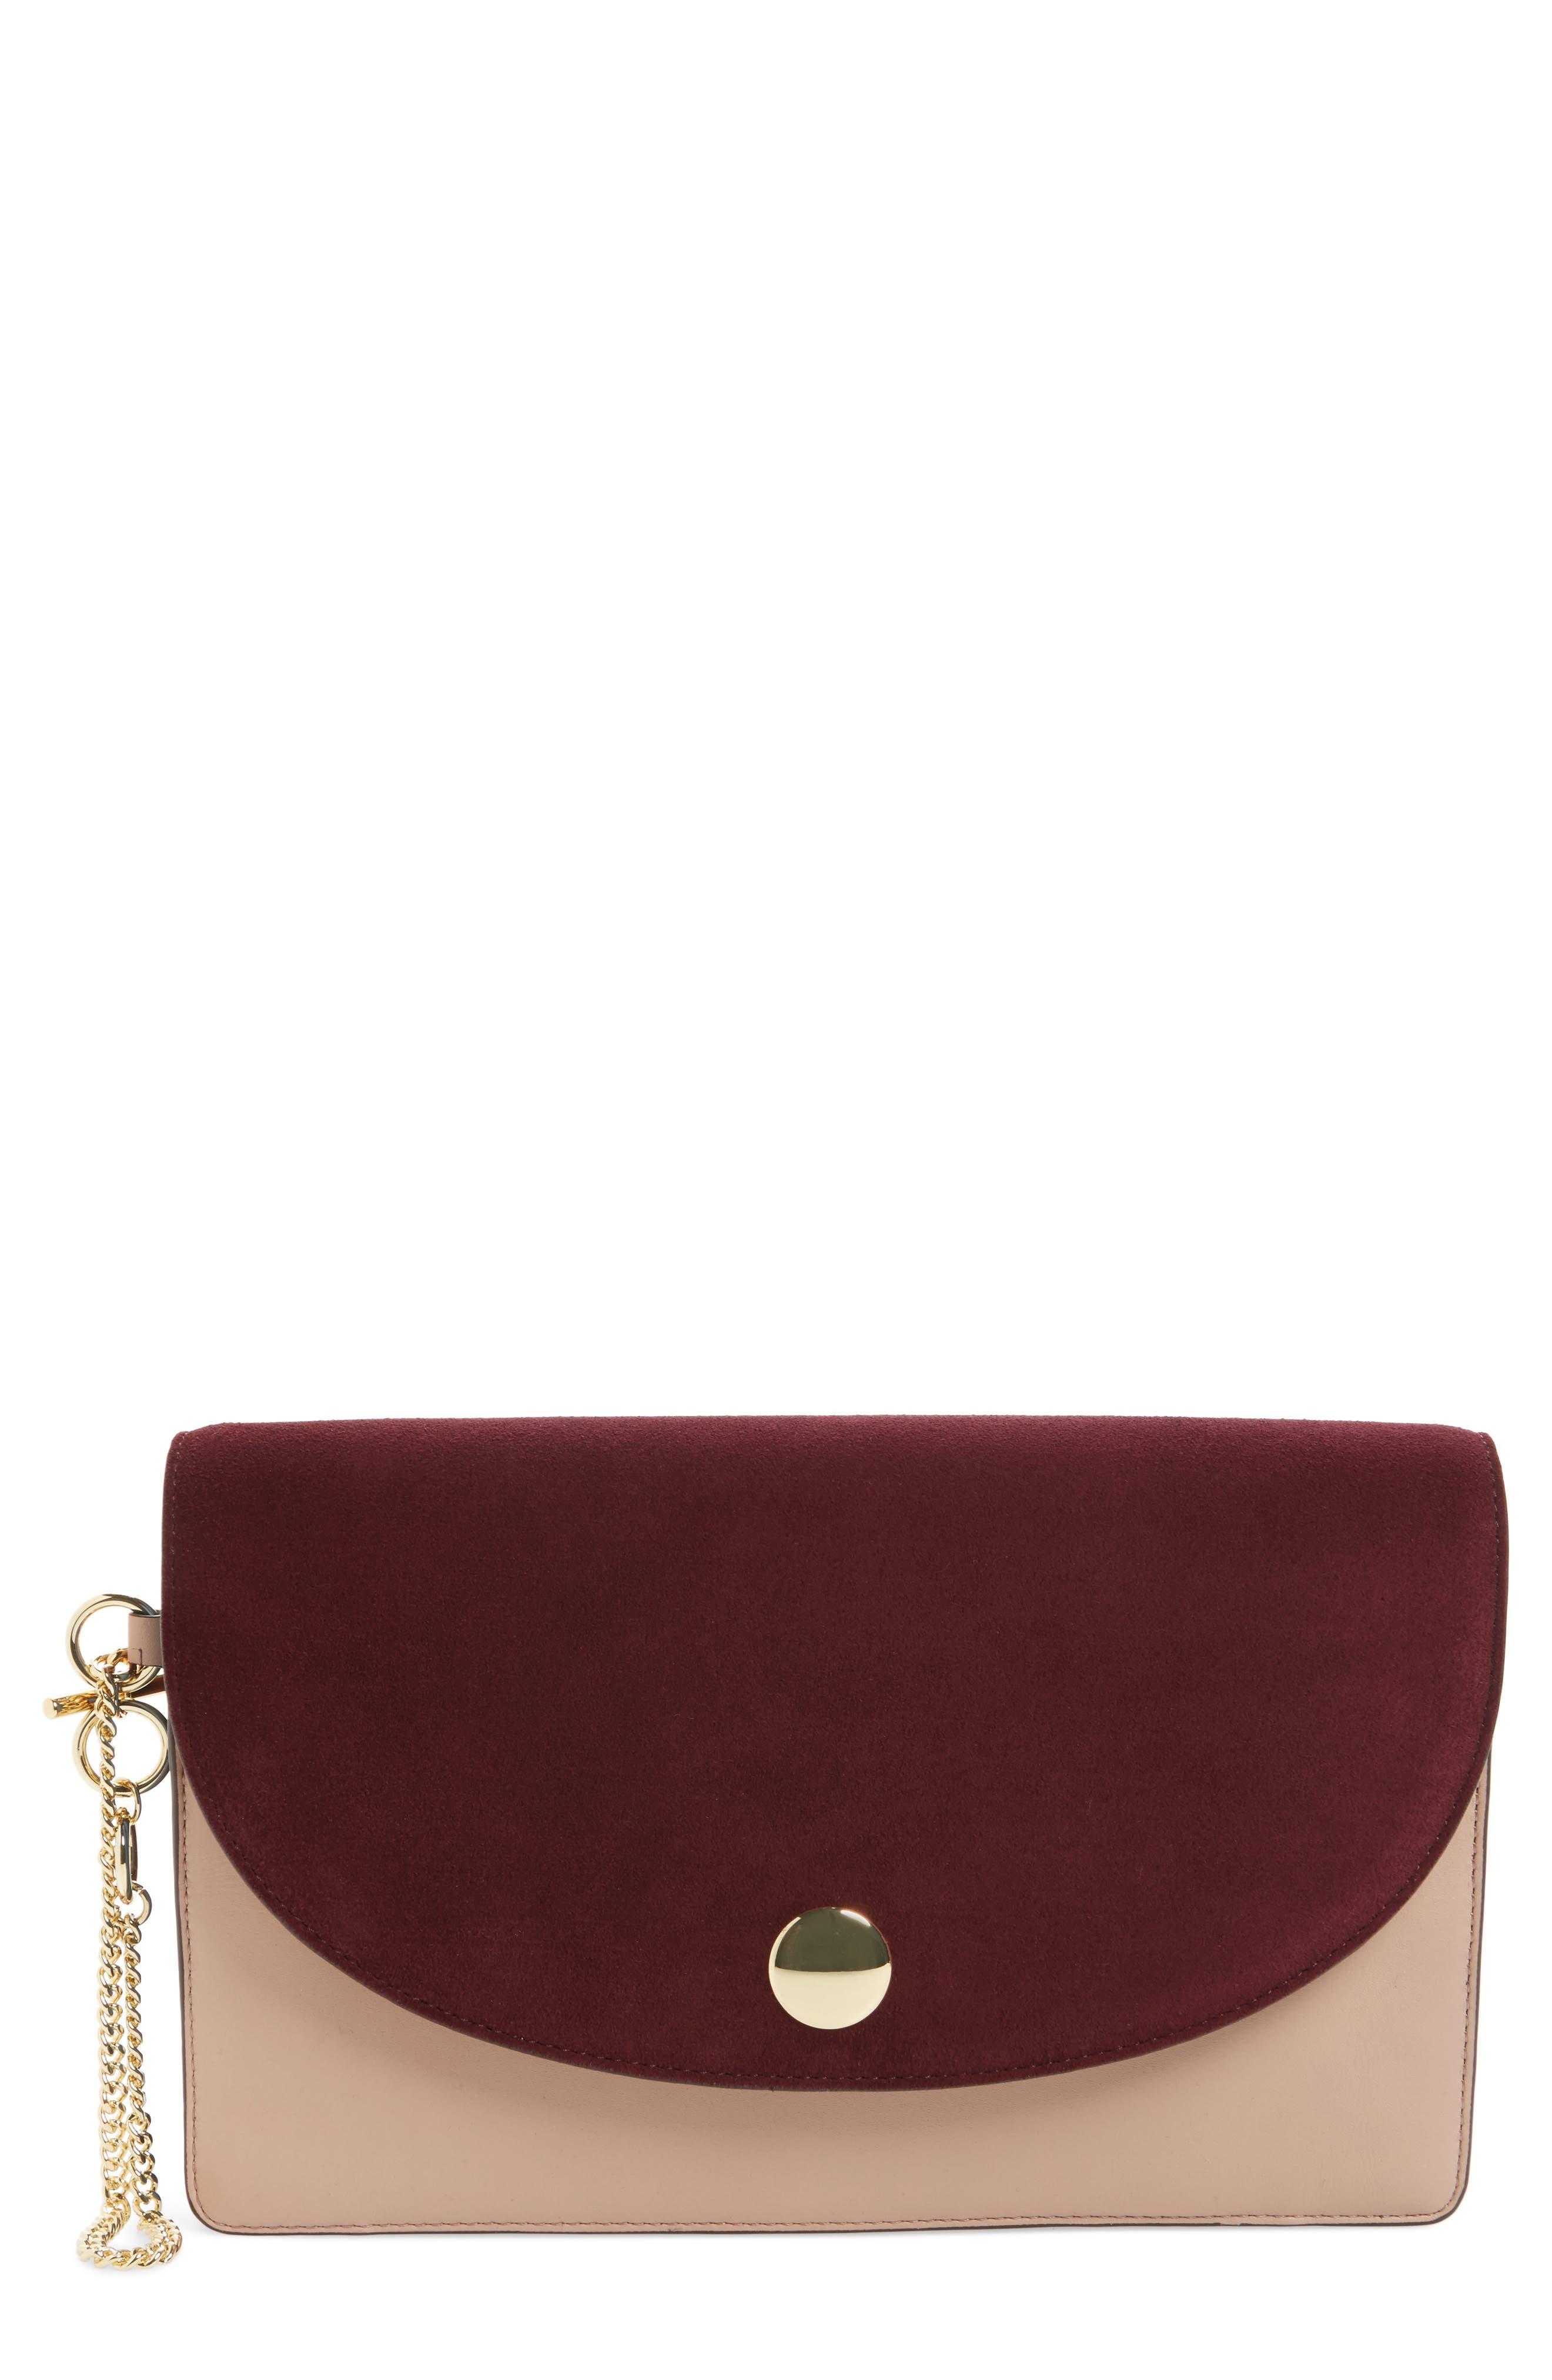 Diane von Furstenberg Convertible Leather Saddle Clutch